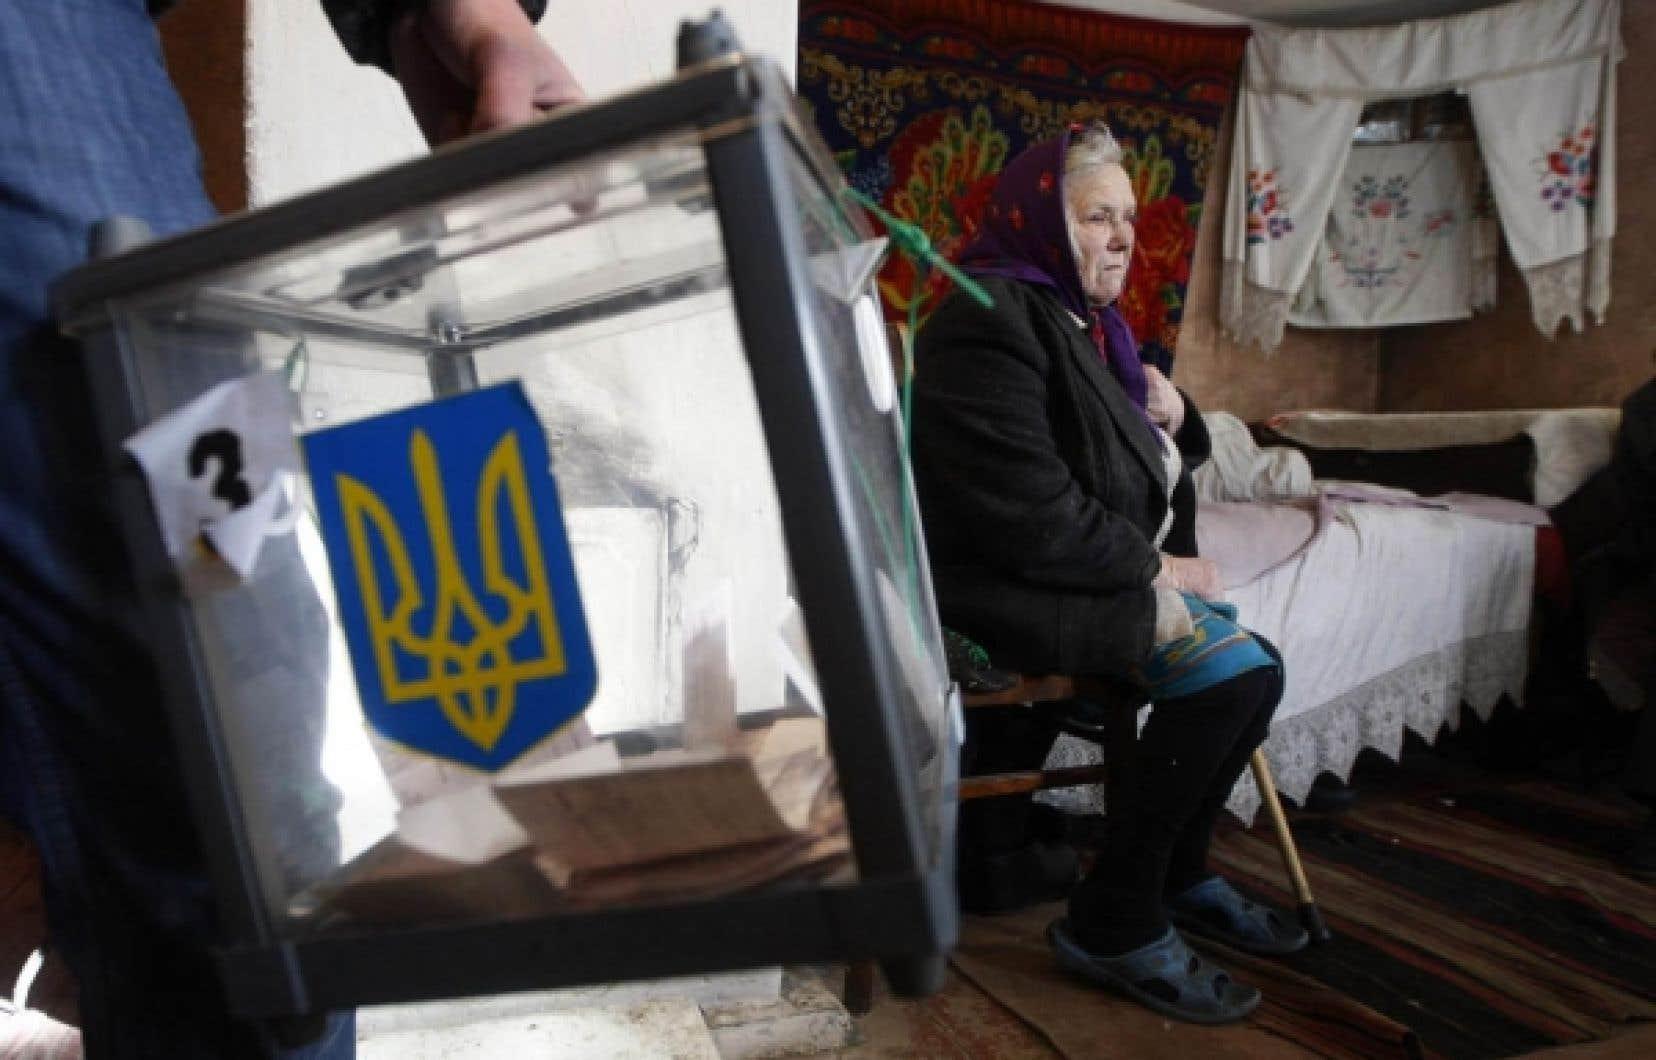 Cette Ukrainienne n'a pu se déplacer hier pour aller voter. Qu'importe, elle a accompli son devoir de citoyenne en restant tranquillement chez elle...